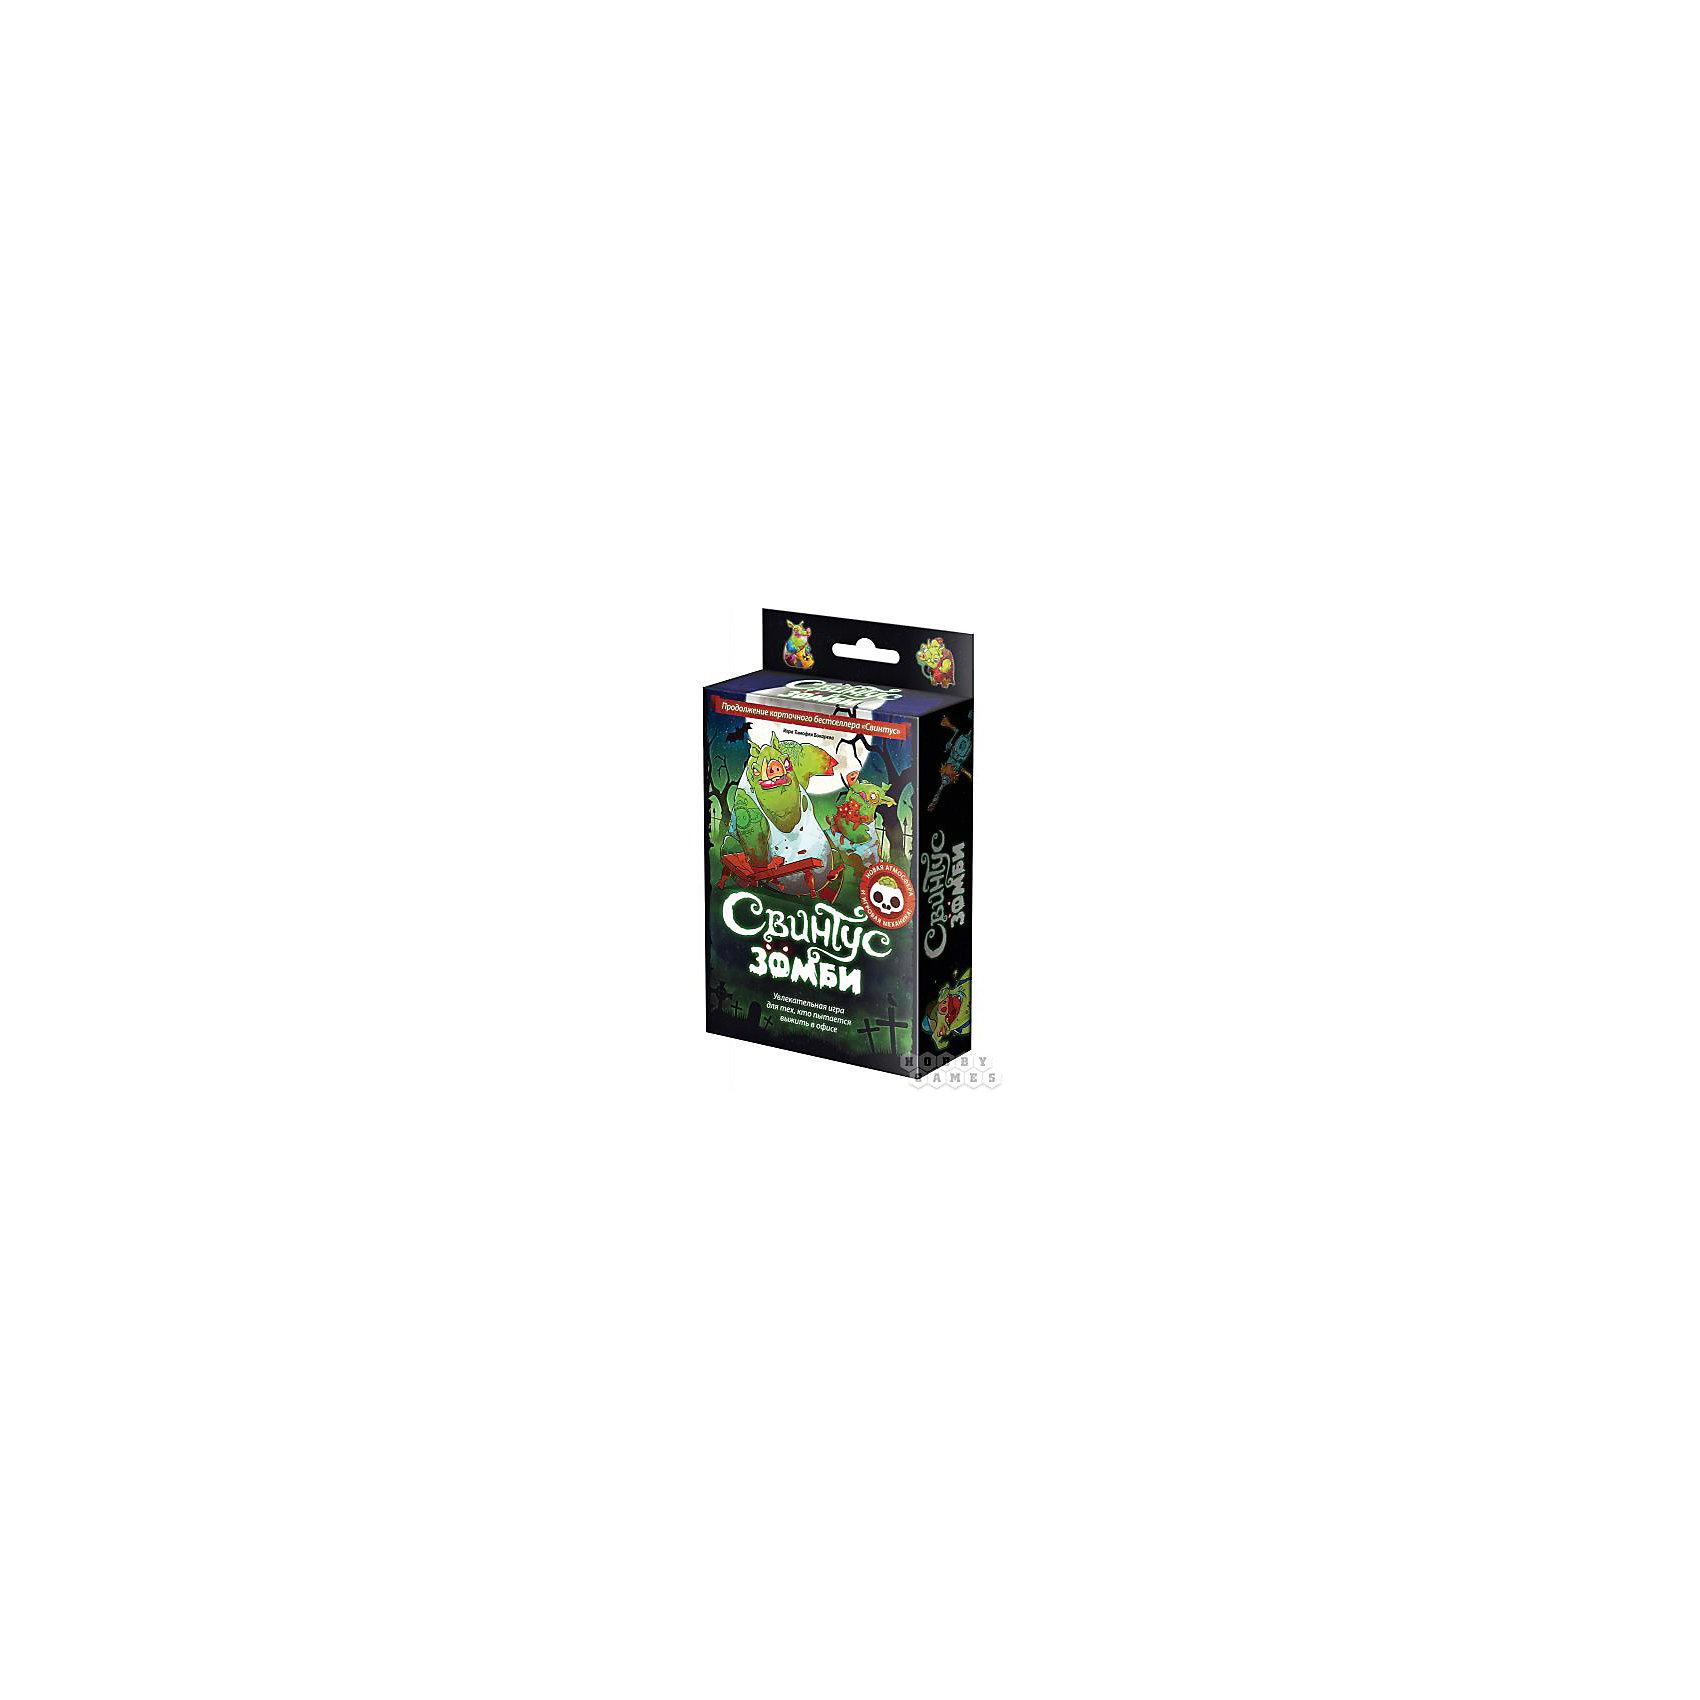 Игра Свинтус Зомби,  Hobby WorldКарточные игры<br>Характеристики товара:<br><br>• возраст: от 8 лет;<br>• материал: картон;<br>• количество игроков: 2-10 человек;<br>• время игры: 15-20 минут;<br>• в комплекте: 64 цифровые карты, 40 карт предписаний, 8 вирусов, 8 вакцин, правила игры;<br>• размер упаковки 15,5х9,5х2,5 см;<br>• вес упаковки 275 гр.;<br>• страна производитель: Россия.<br><br>Игра «Свинтус Зомби» Hobby World тренирует смекалку, сообразительность и быстроту реакции. Во время игры каждому игроку выдается по 8 карт. На игровом поле выкладывается колода, из которой открывается одна карта. Игроки начинают избавляться от своих карт, если его карта совпадает с картой в колоде по цвету или достоинству. Цель — как можно быстрее избавиться от своих карт.<br><br>Игру «Свинтус Зомби» Hobby World можно приобрести в нашем интернет-магазине.<br><br>Ширина мм: 155<br>Глубина мм: 95<br>Высота мм: 25<br>Вес г: 275<br>Возраст от месяцев: 96<br>Возраст до месяцев: 2147483647<br>Пол: Унисекс<br>Возраст: Детский<br>SKU: 5597234